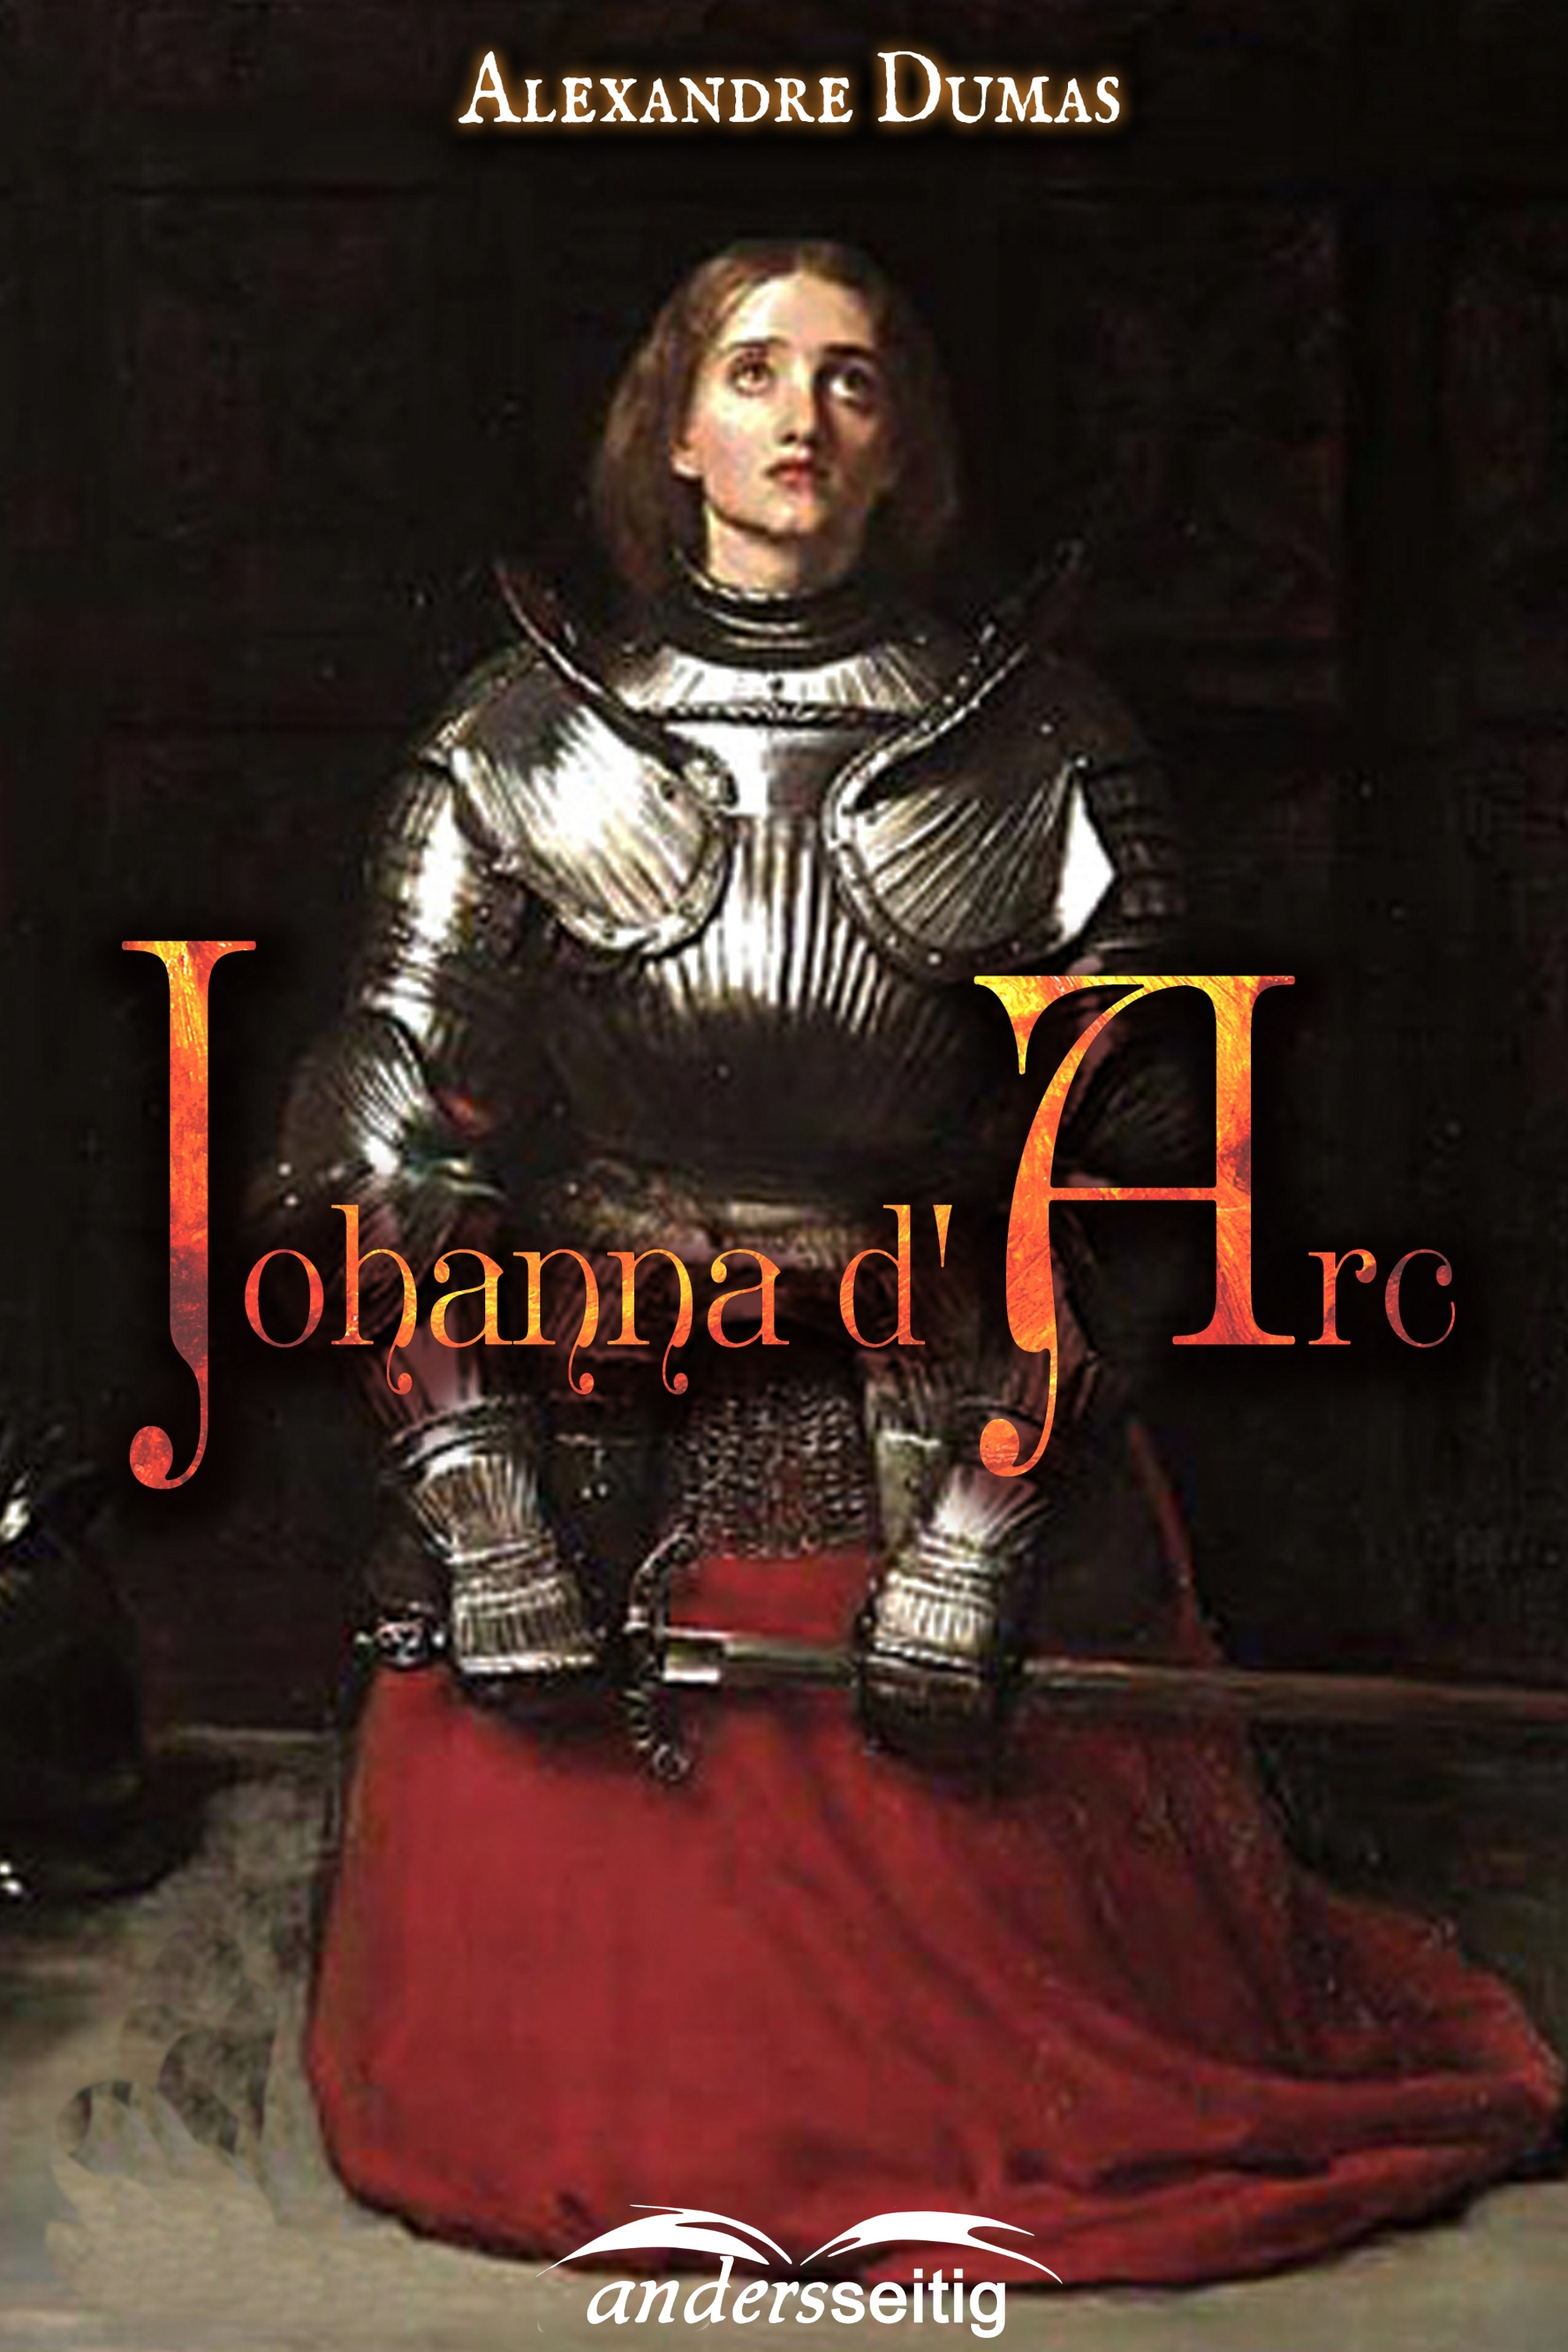 Alexandre Dumas Johanna d' Arc инвертор барс profi arc 507 d 380в св000008123